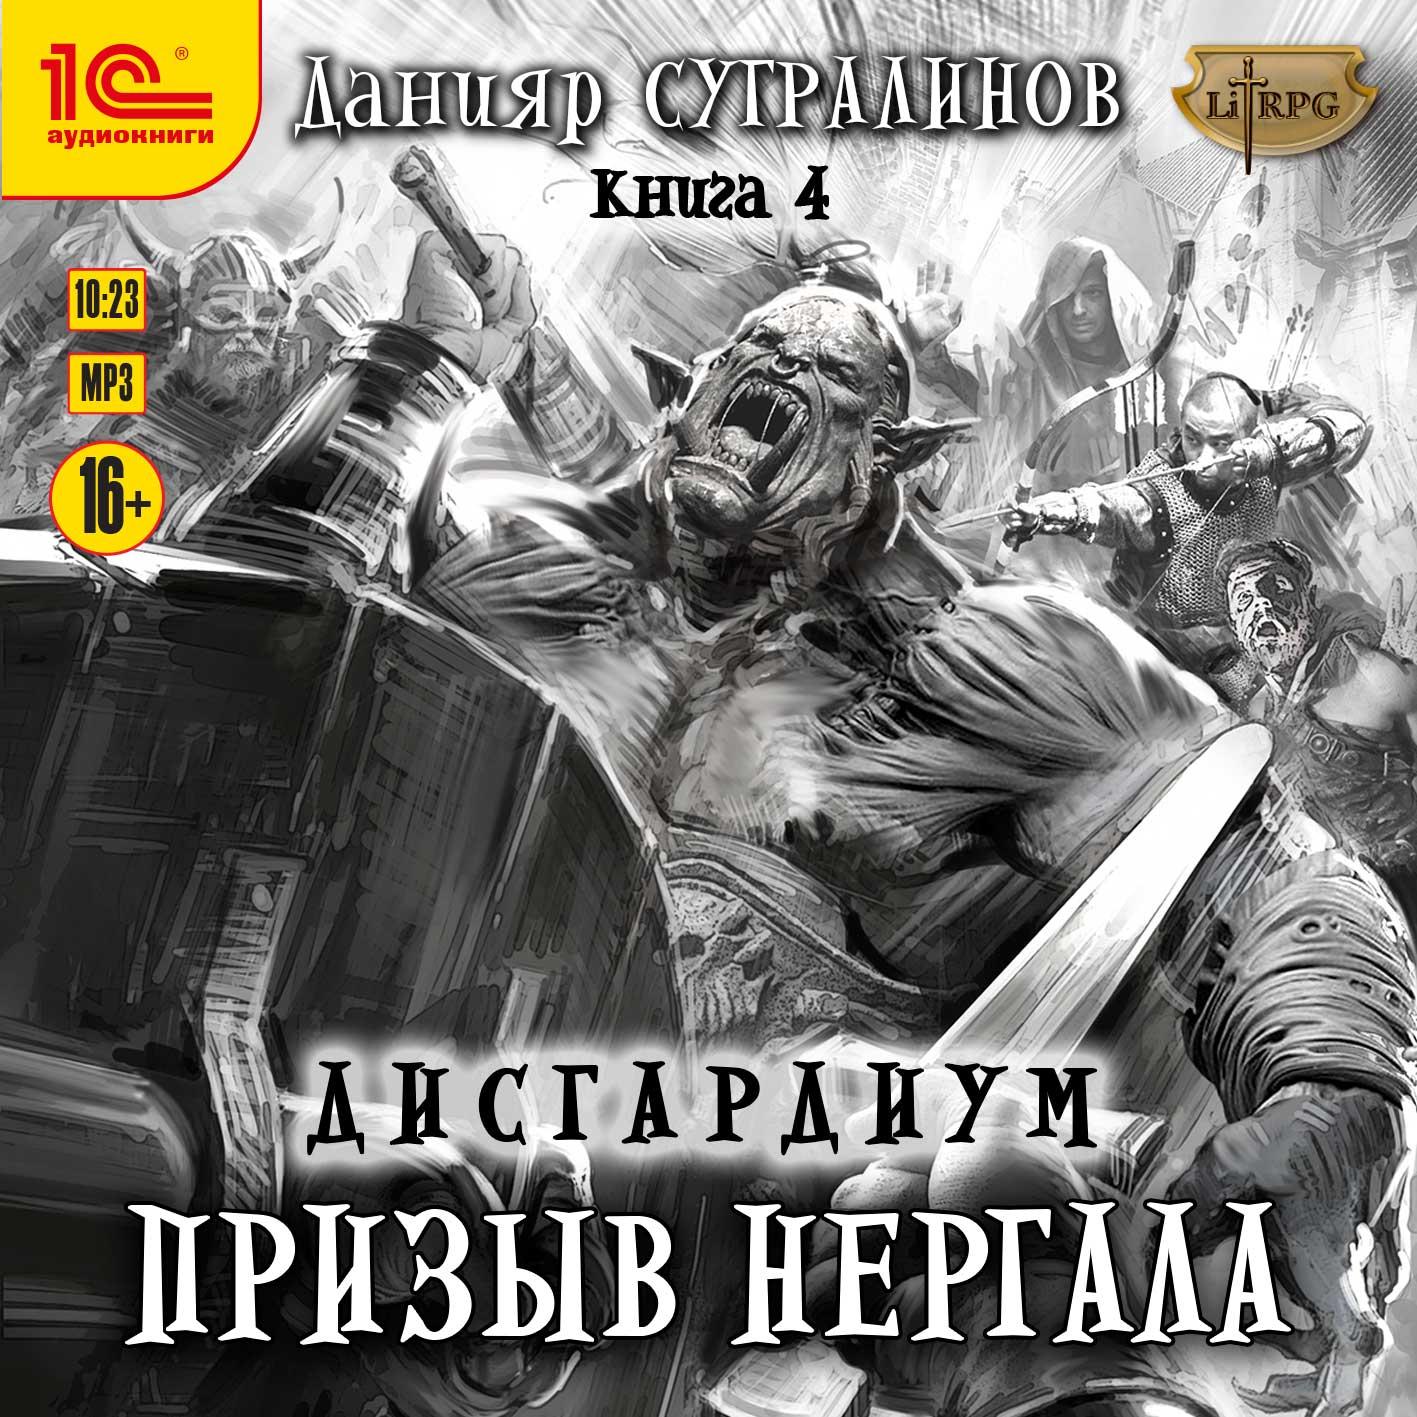 Данияр Сугралинов Дисгардиум: Призыв Нергала (цифровая версия) (Цифровая версия)